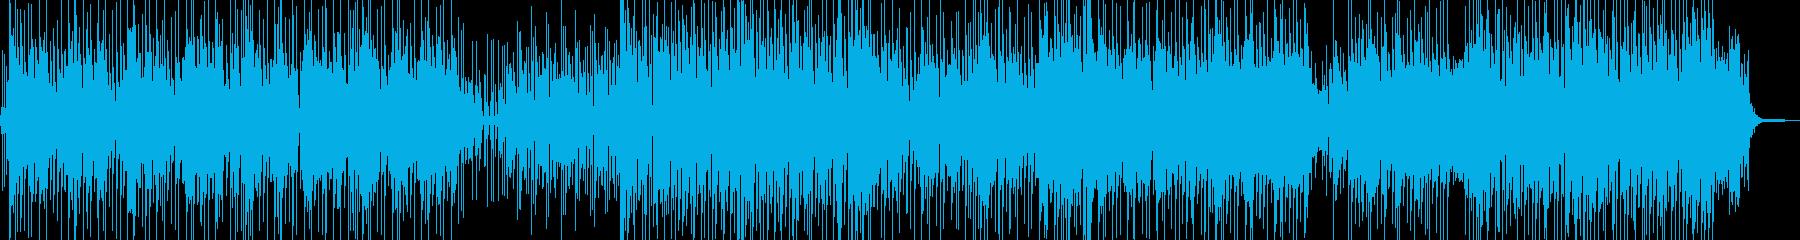 南国ムード ご機嫌なレゲェの再生済みの波形